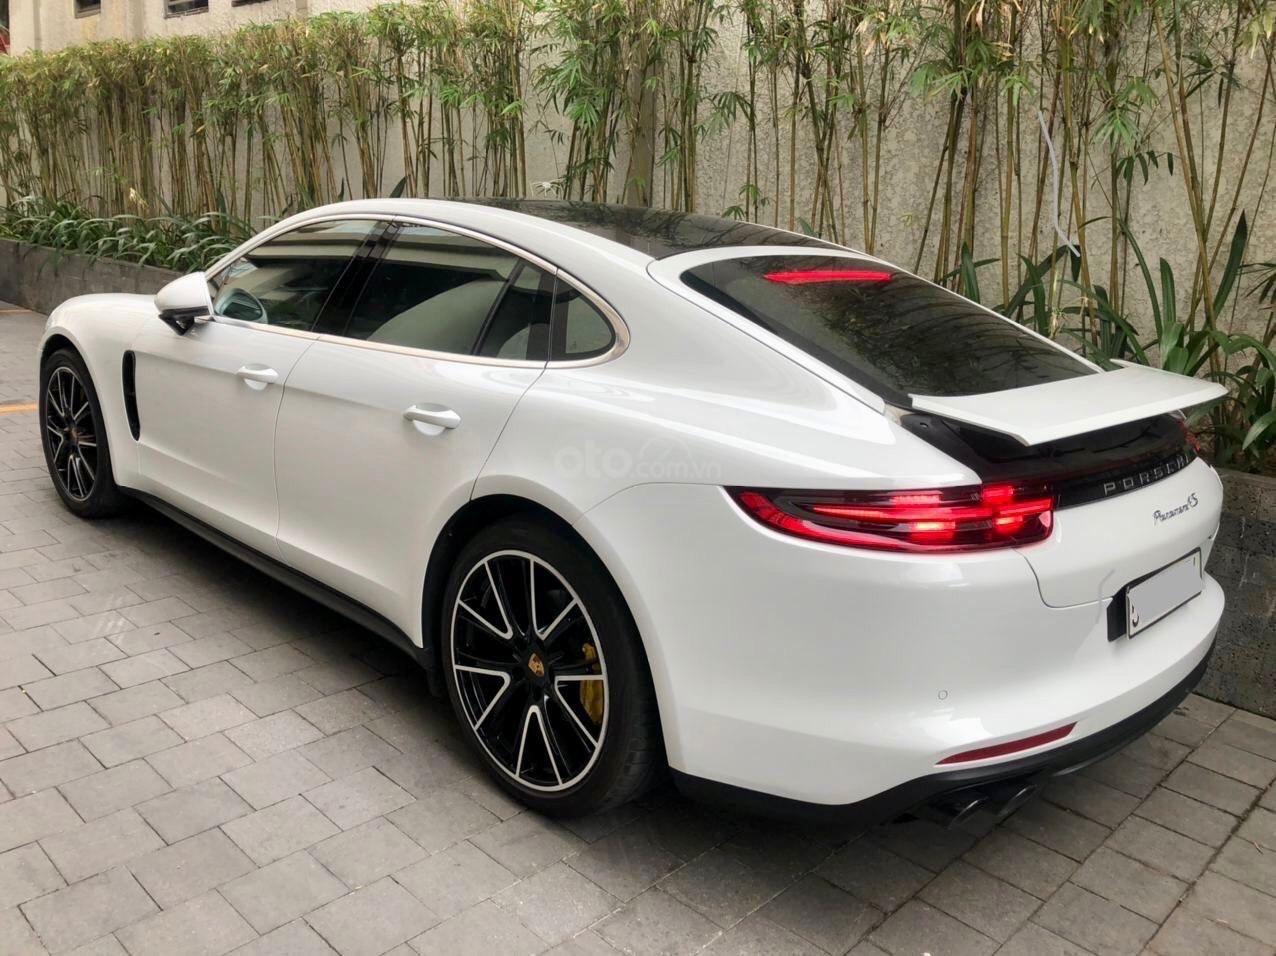 Cần bán xe Porsche Panamera 2018 full cacbon màu trắng, nội thất đỏ (12)